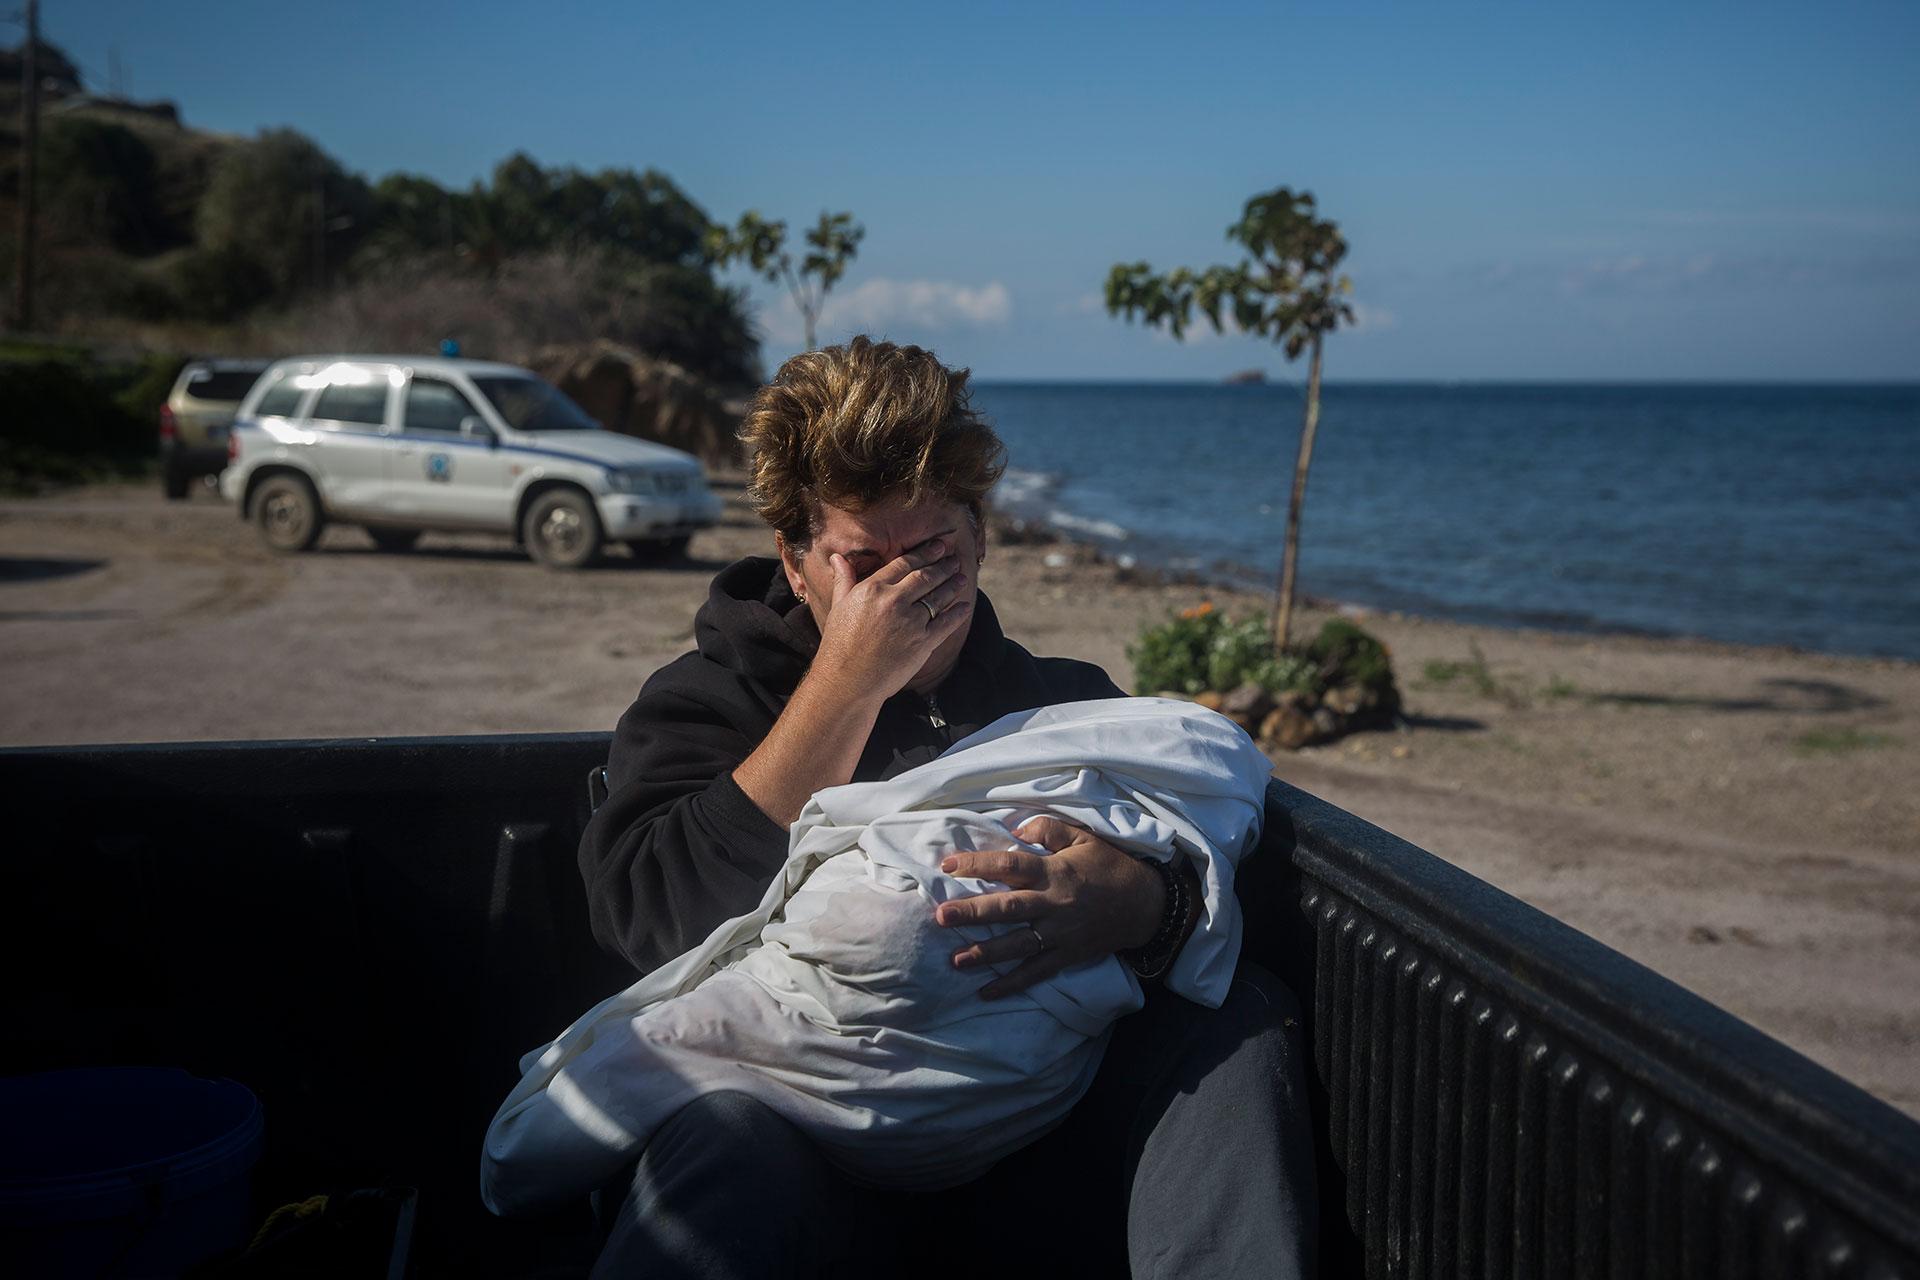 Una vecina del pueblo de Petra (Lesbos) llora mientras sujeta el cadáver de un bebé que apareció en las playas cercanas al municipio.